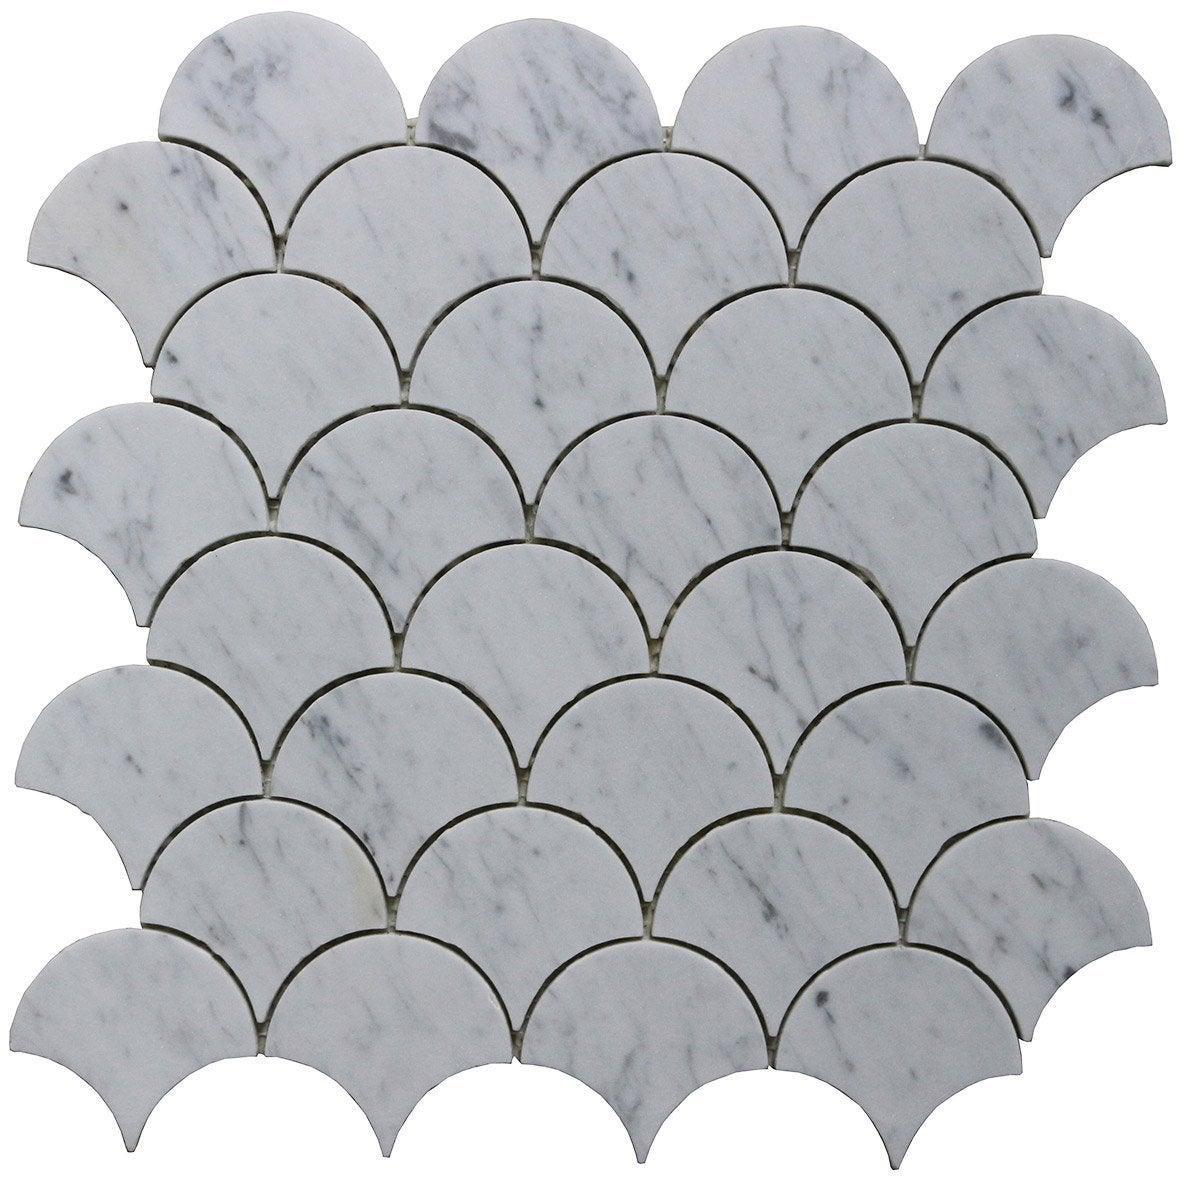 Mosaïque mur Mineral blanc 29.5 x 29.5 cm ARTENS